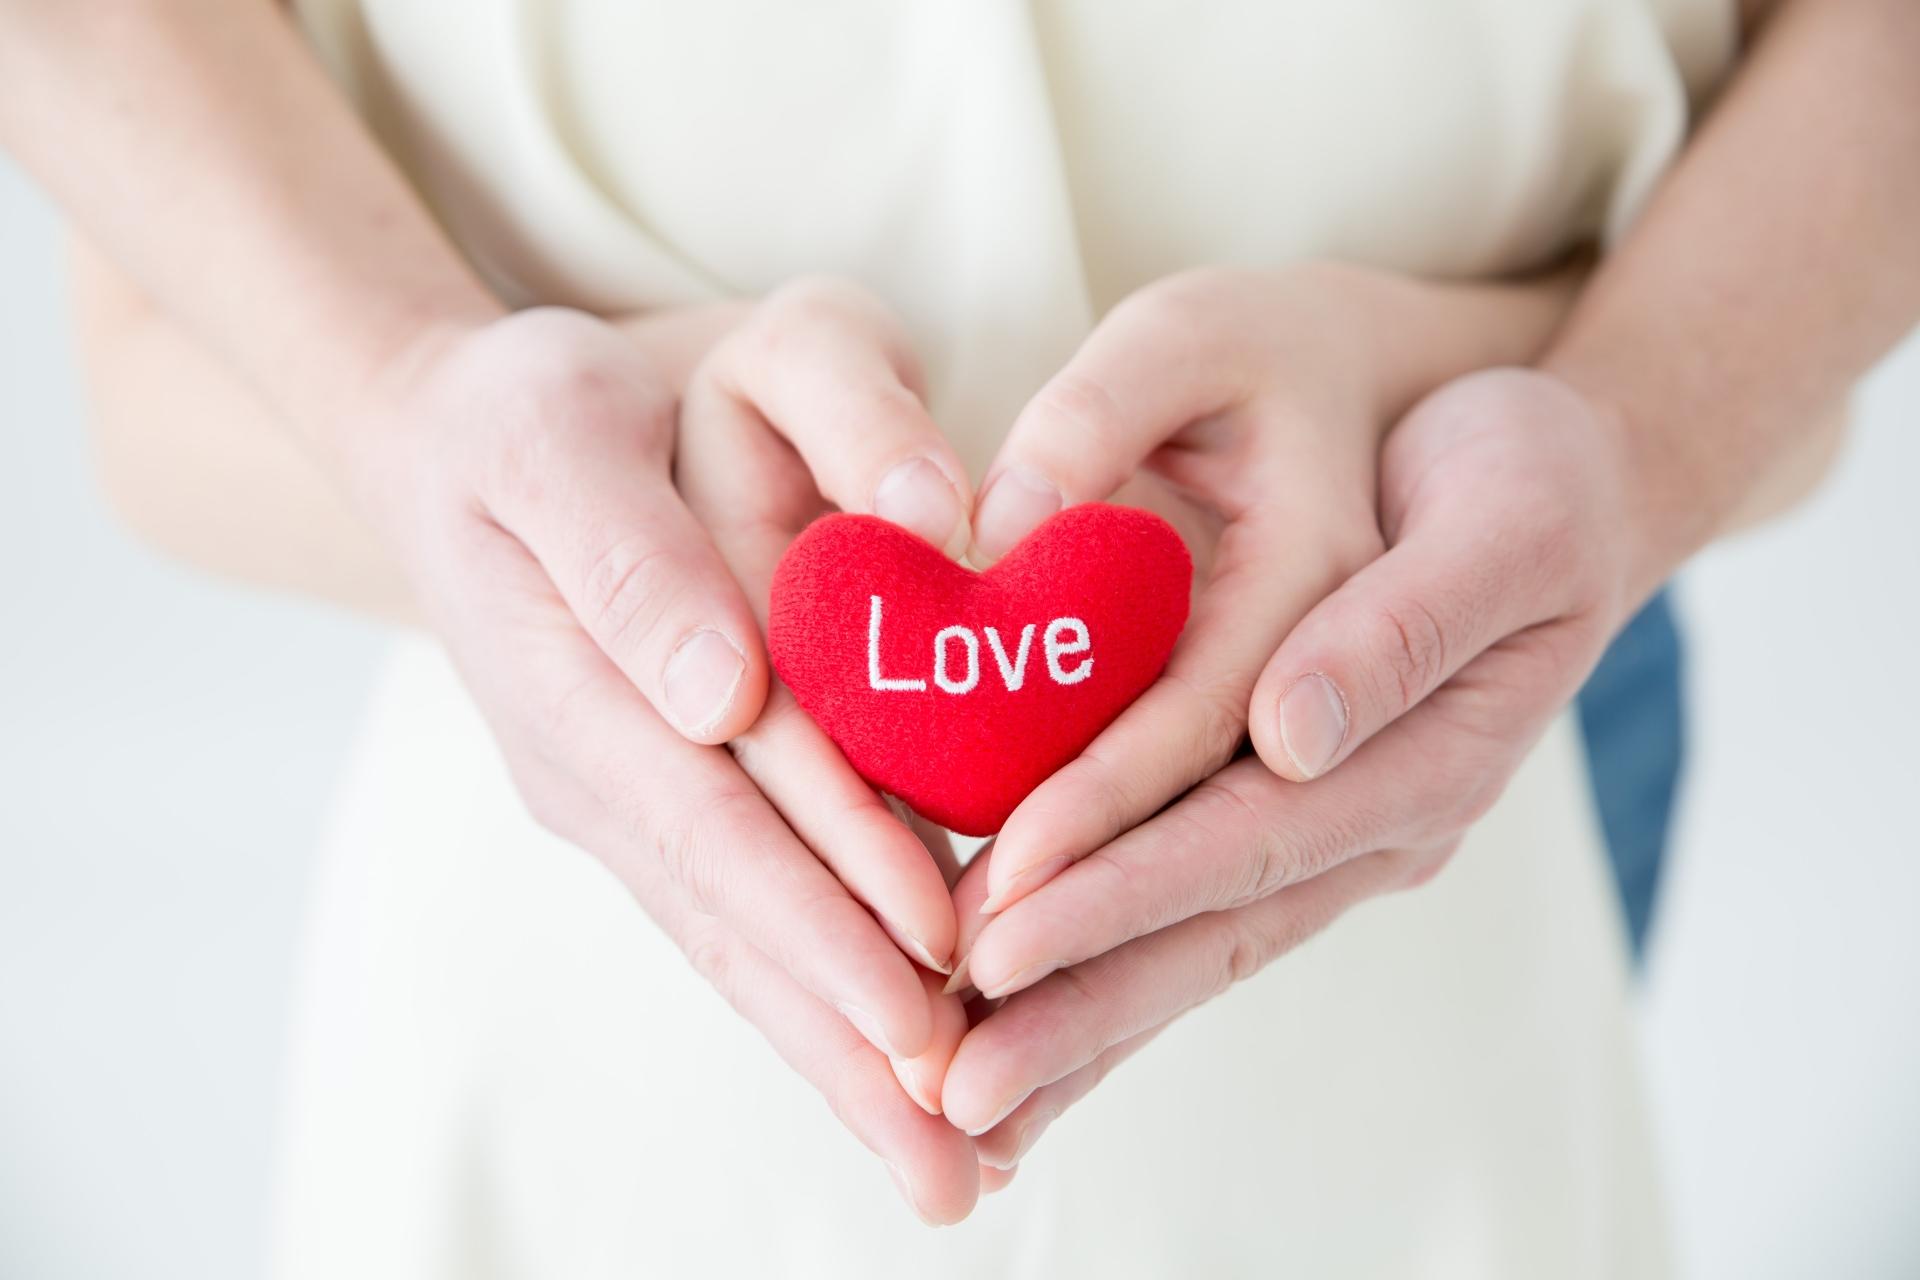 恋愛が嫌いな男性の心理や理由!克服して婚活する方法